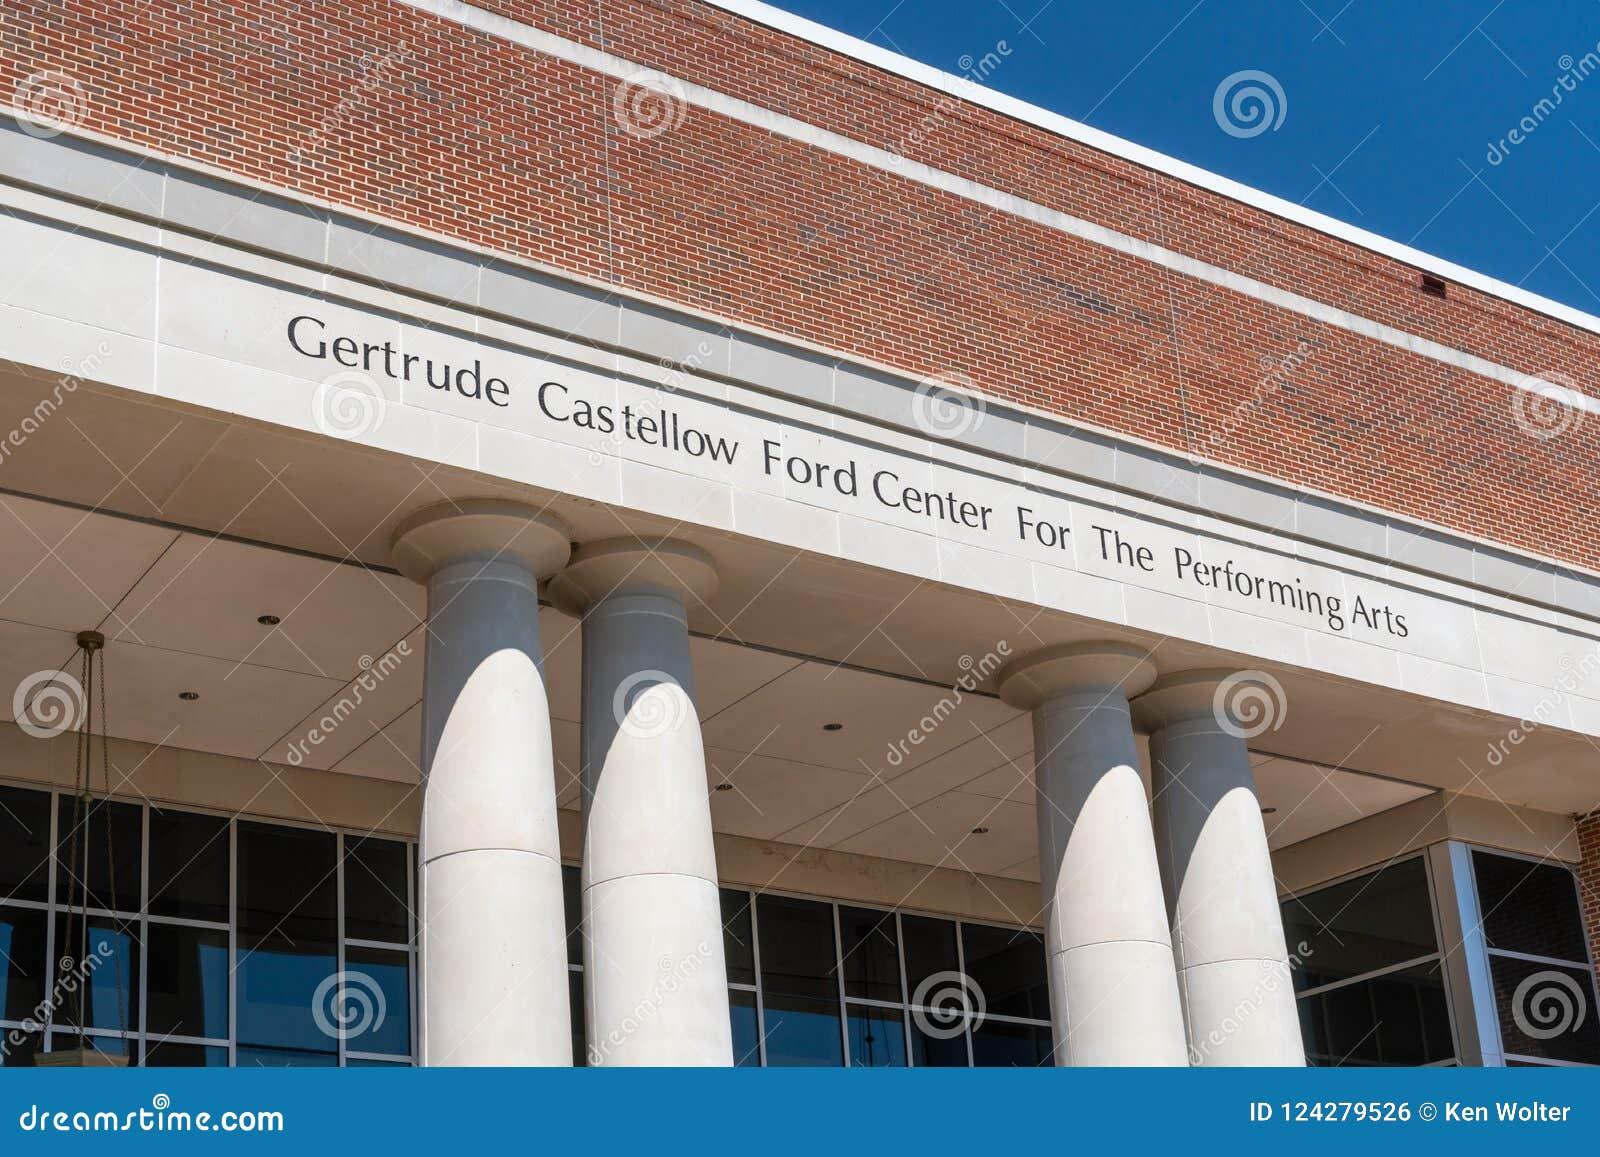 Gertrude Castellow Ford Center For as artes de palco